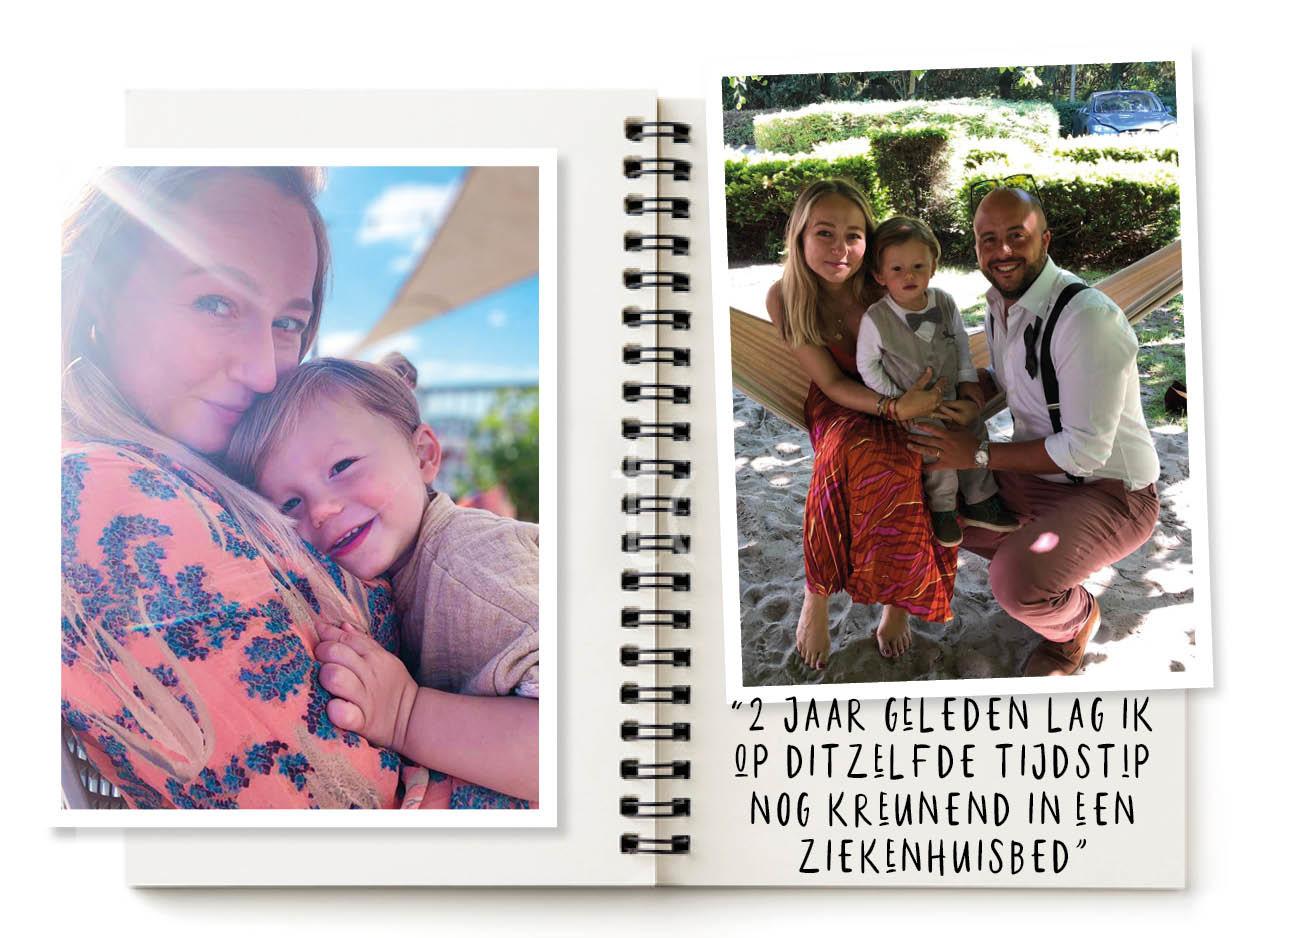 carolien spoor fast lane life, knuffelen met otis en het hele gezin